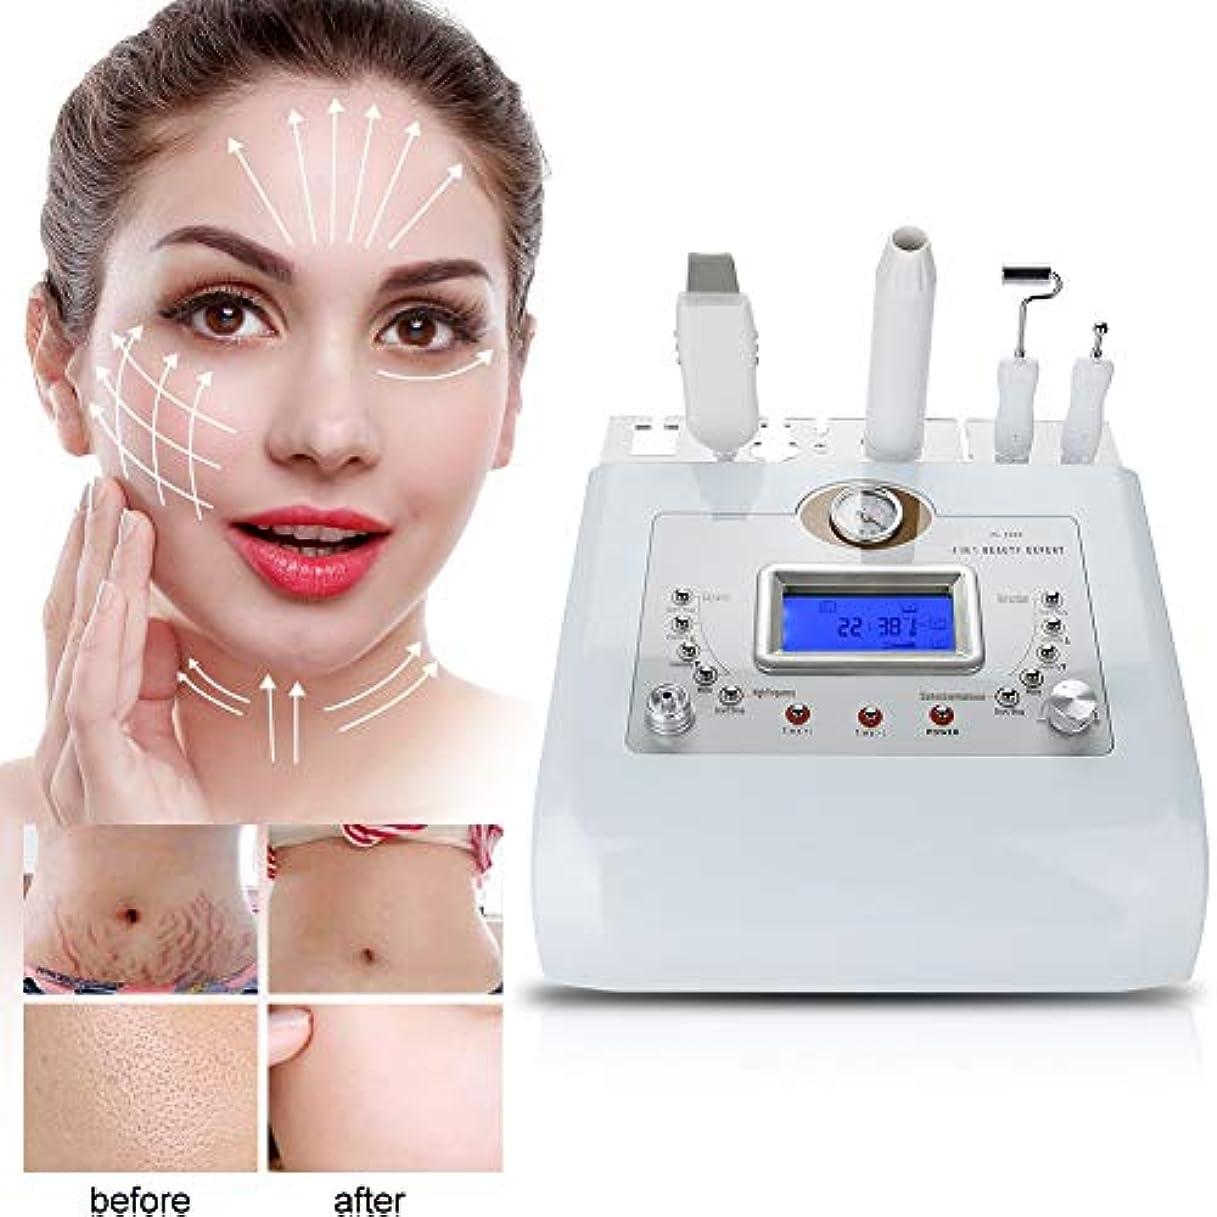 バルセロナに応じてしおれた4-in-1ダイヤモンド皮膚剥離美容機、SPA用美容室用機器トナー、RF +超音波+スキンスクラバー+ EMS電気治療 (白)